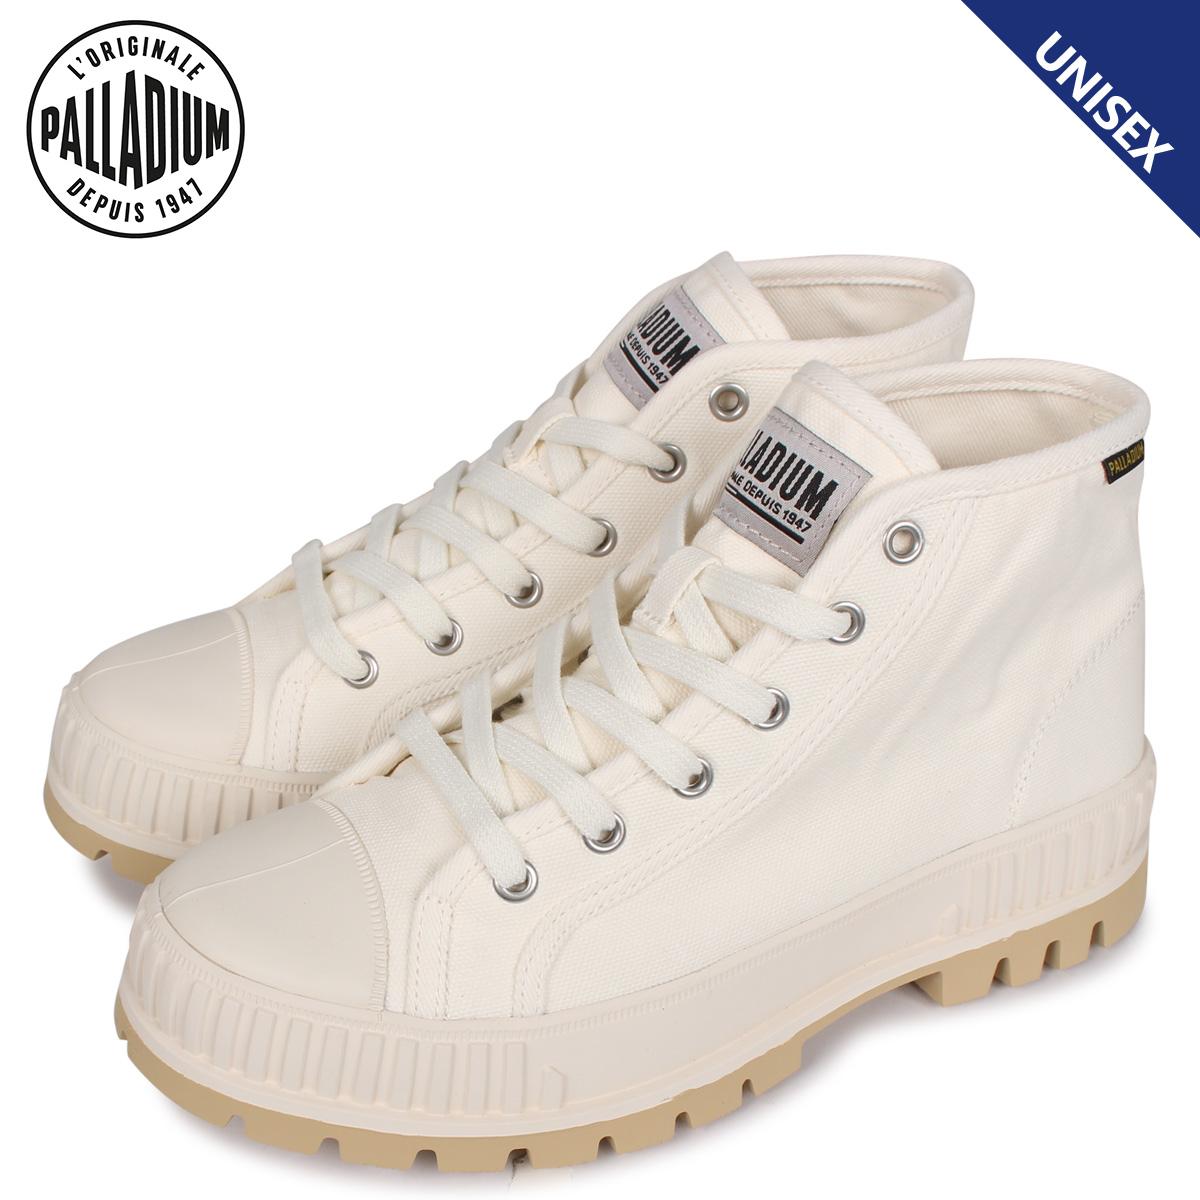 PALLADIUM パラディウム パラショック ミッド スニーカー メンズ レディース PALLASHOCK MID OG ホワイト 白 76681-051